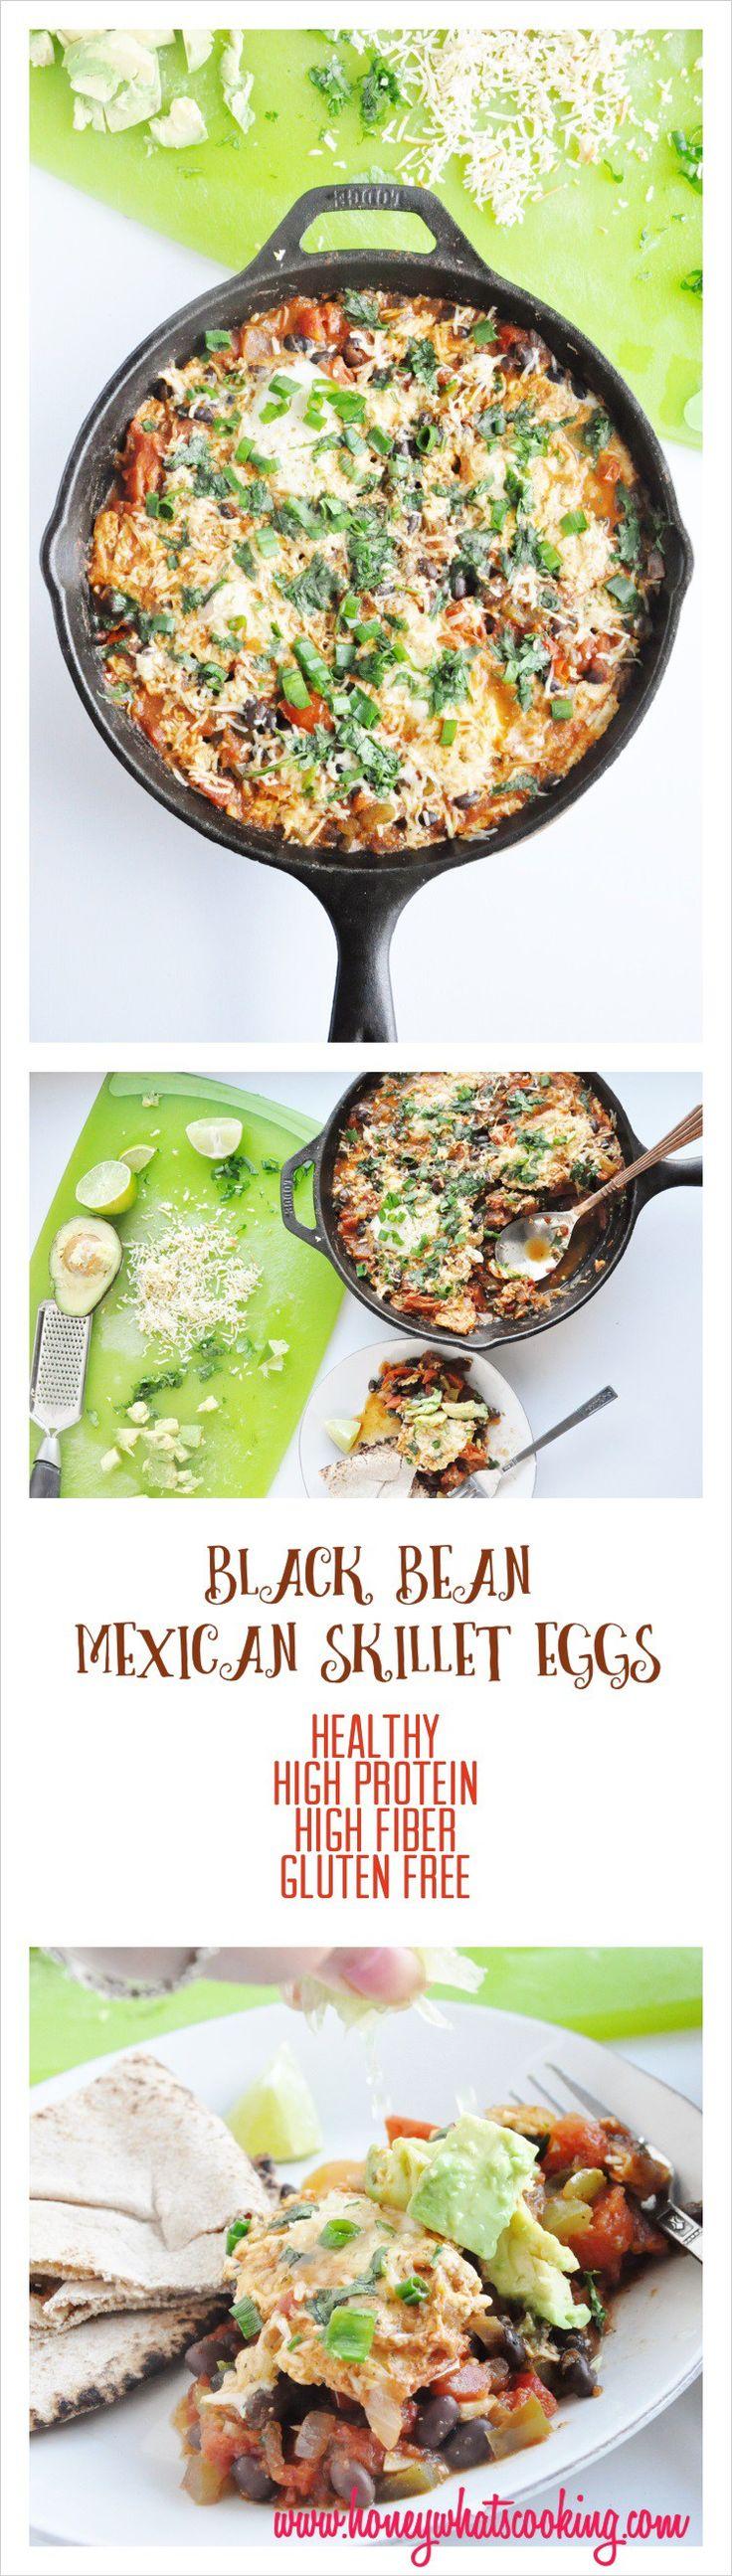 Black Bean Mexican Skillet Eggs